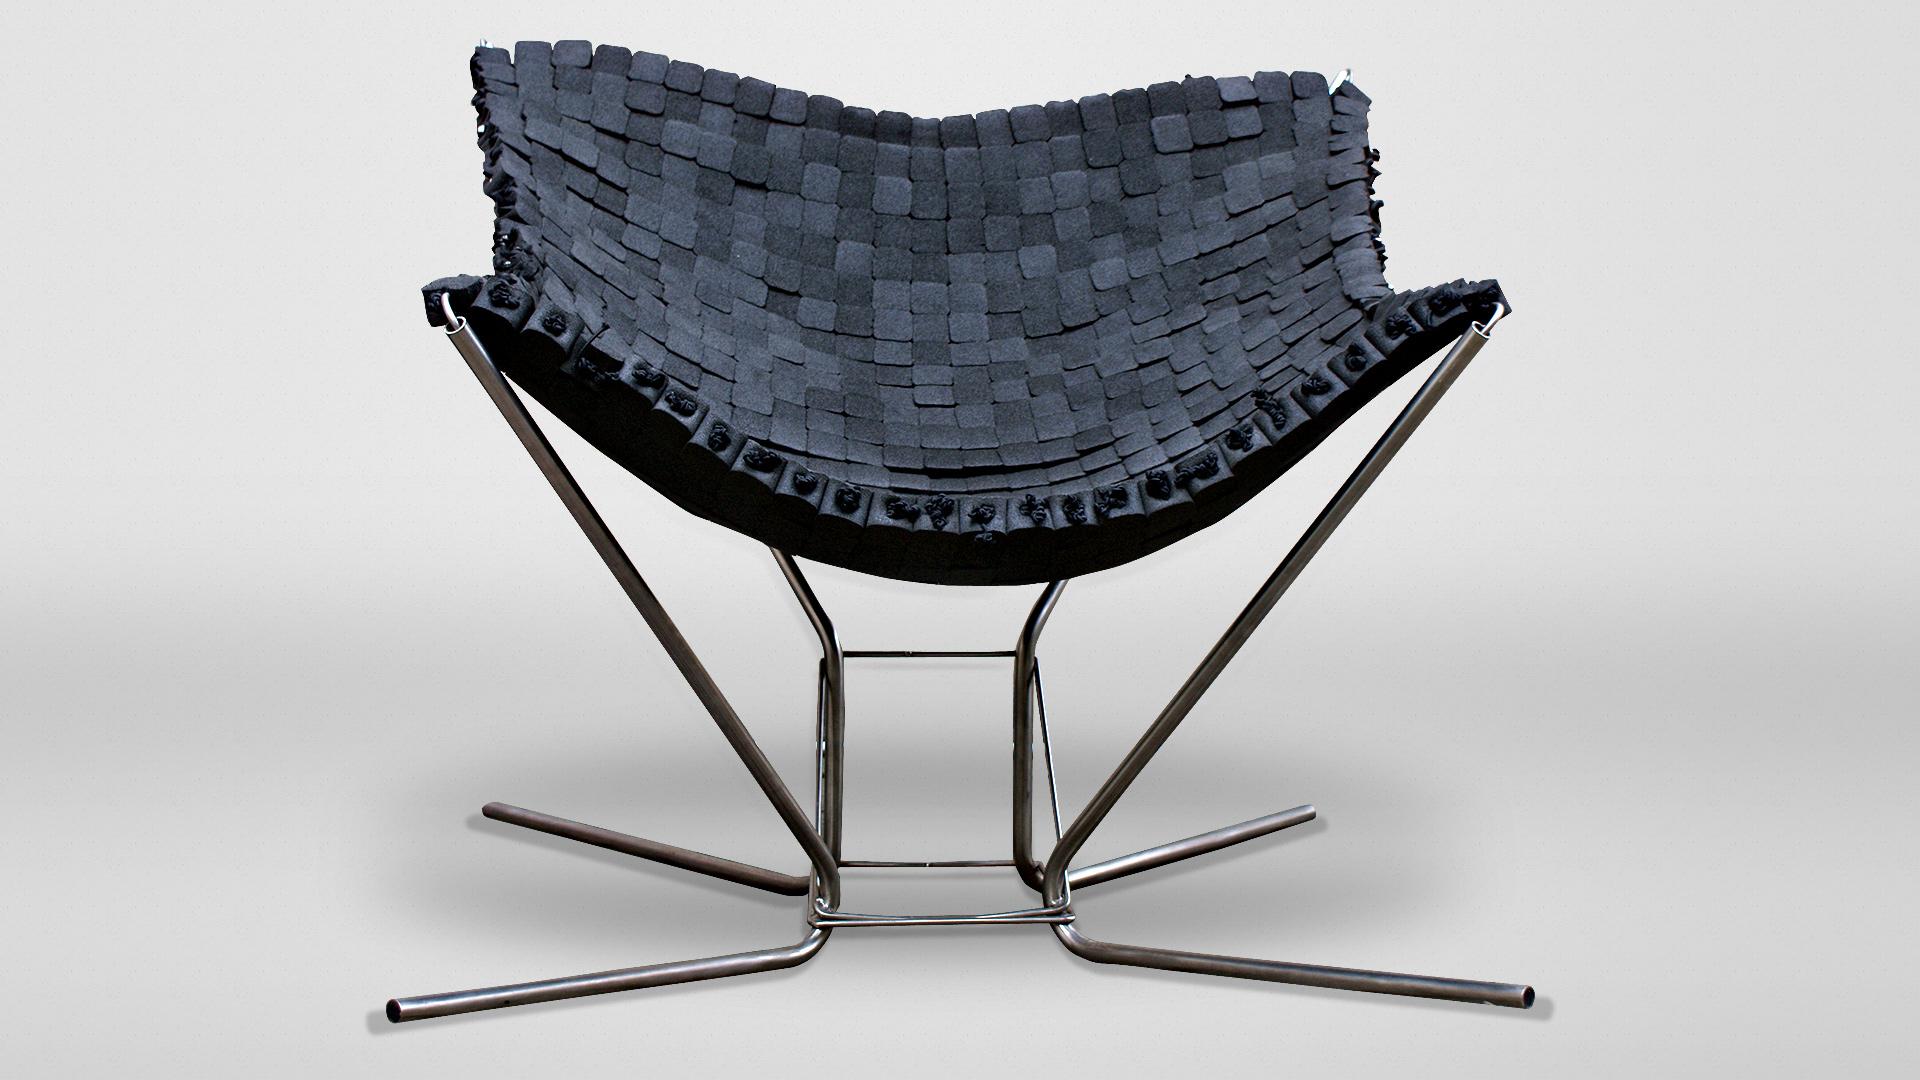 Siedzisko fotela <em>Pajęczyna</em> to tkanina, upleciona z upcyklowanej kostki z tworzywa sztucznego